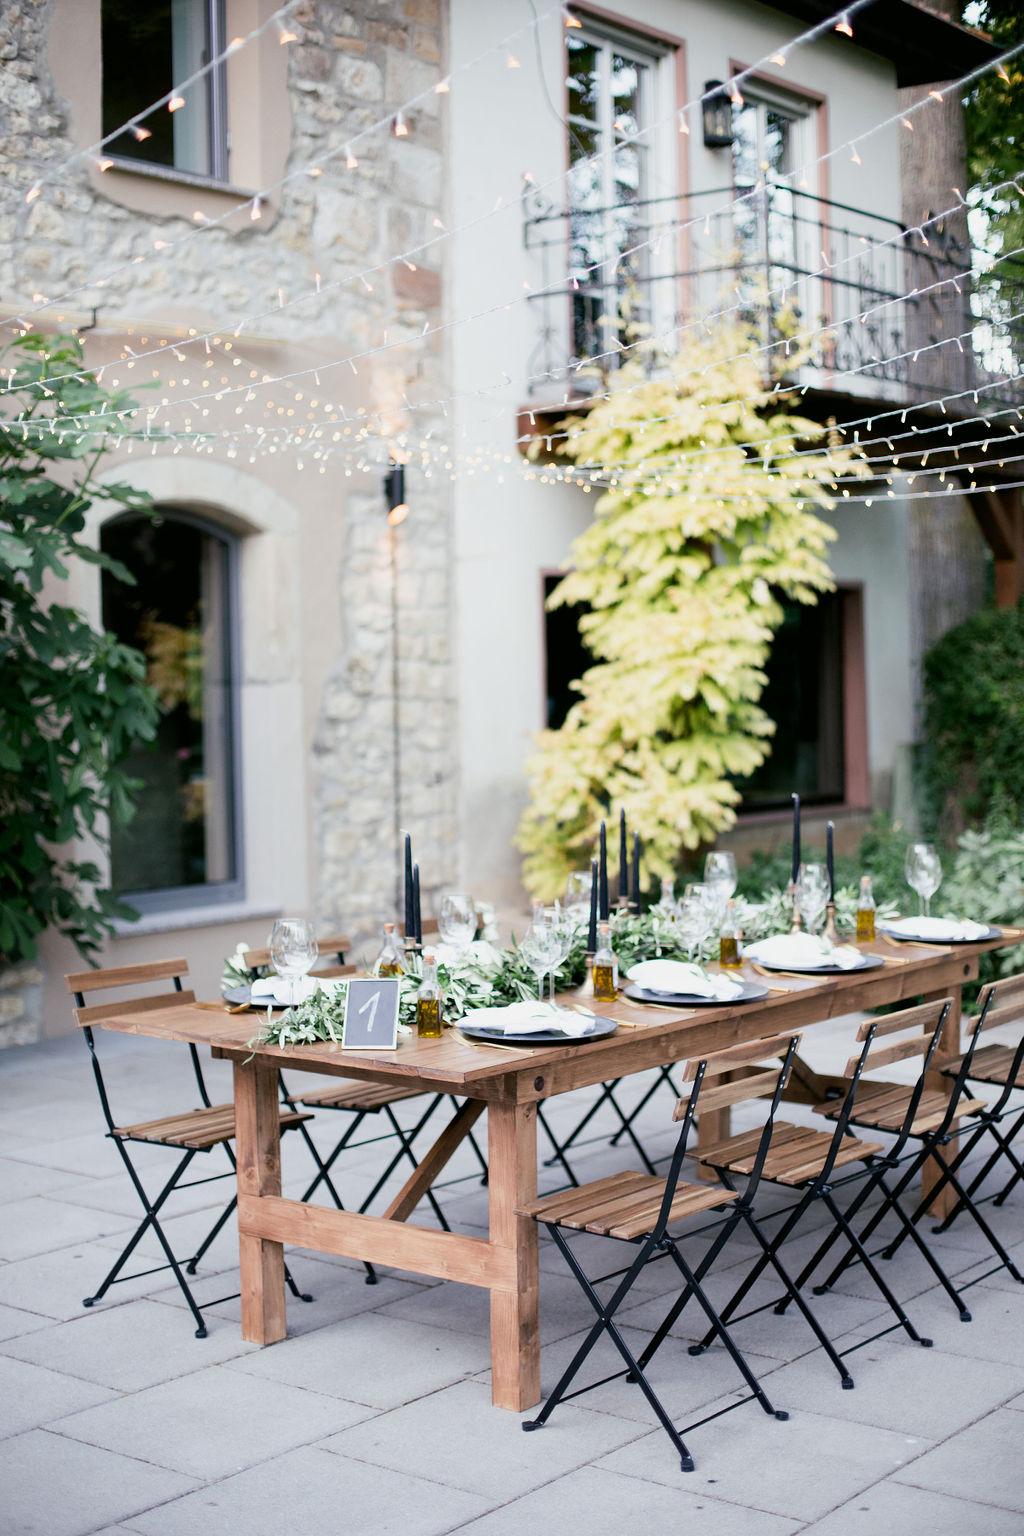 Tischdekoration Weingut, Tischdekoration Hochzeit mediterran, Tischdekoration Olivenzweige Hochzeit, mediterrane Hochzeit Tischdeko